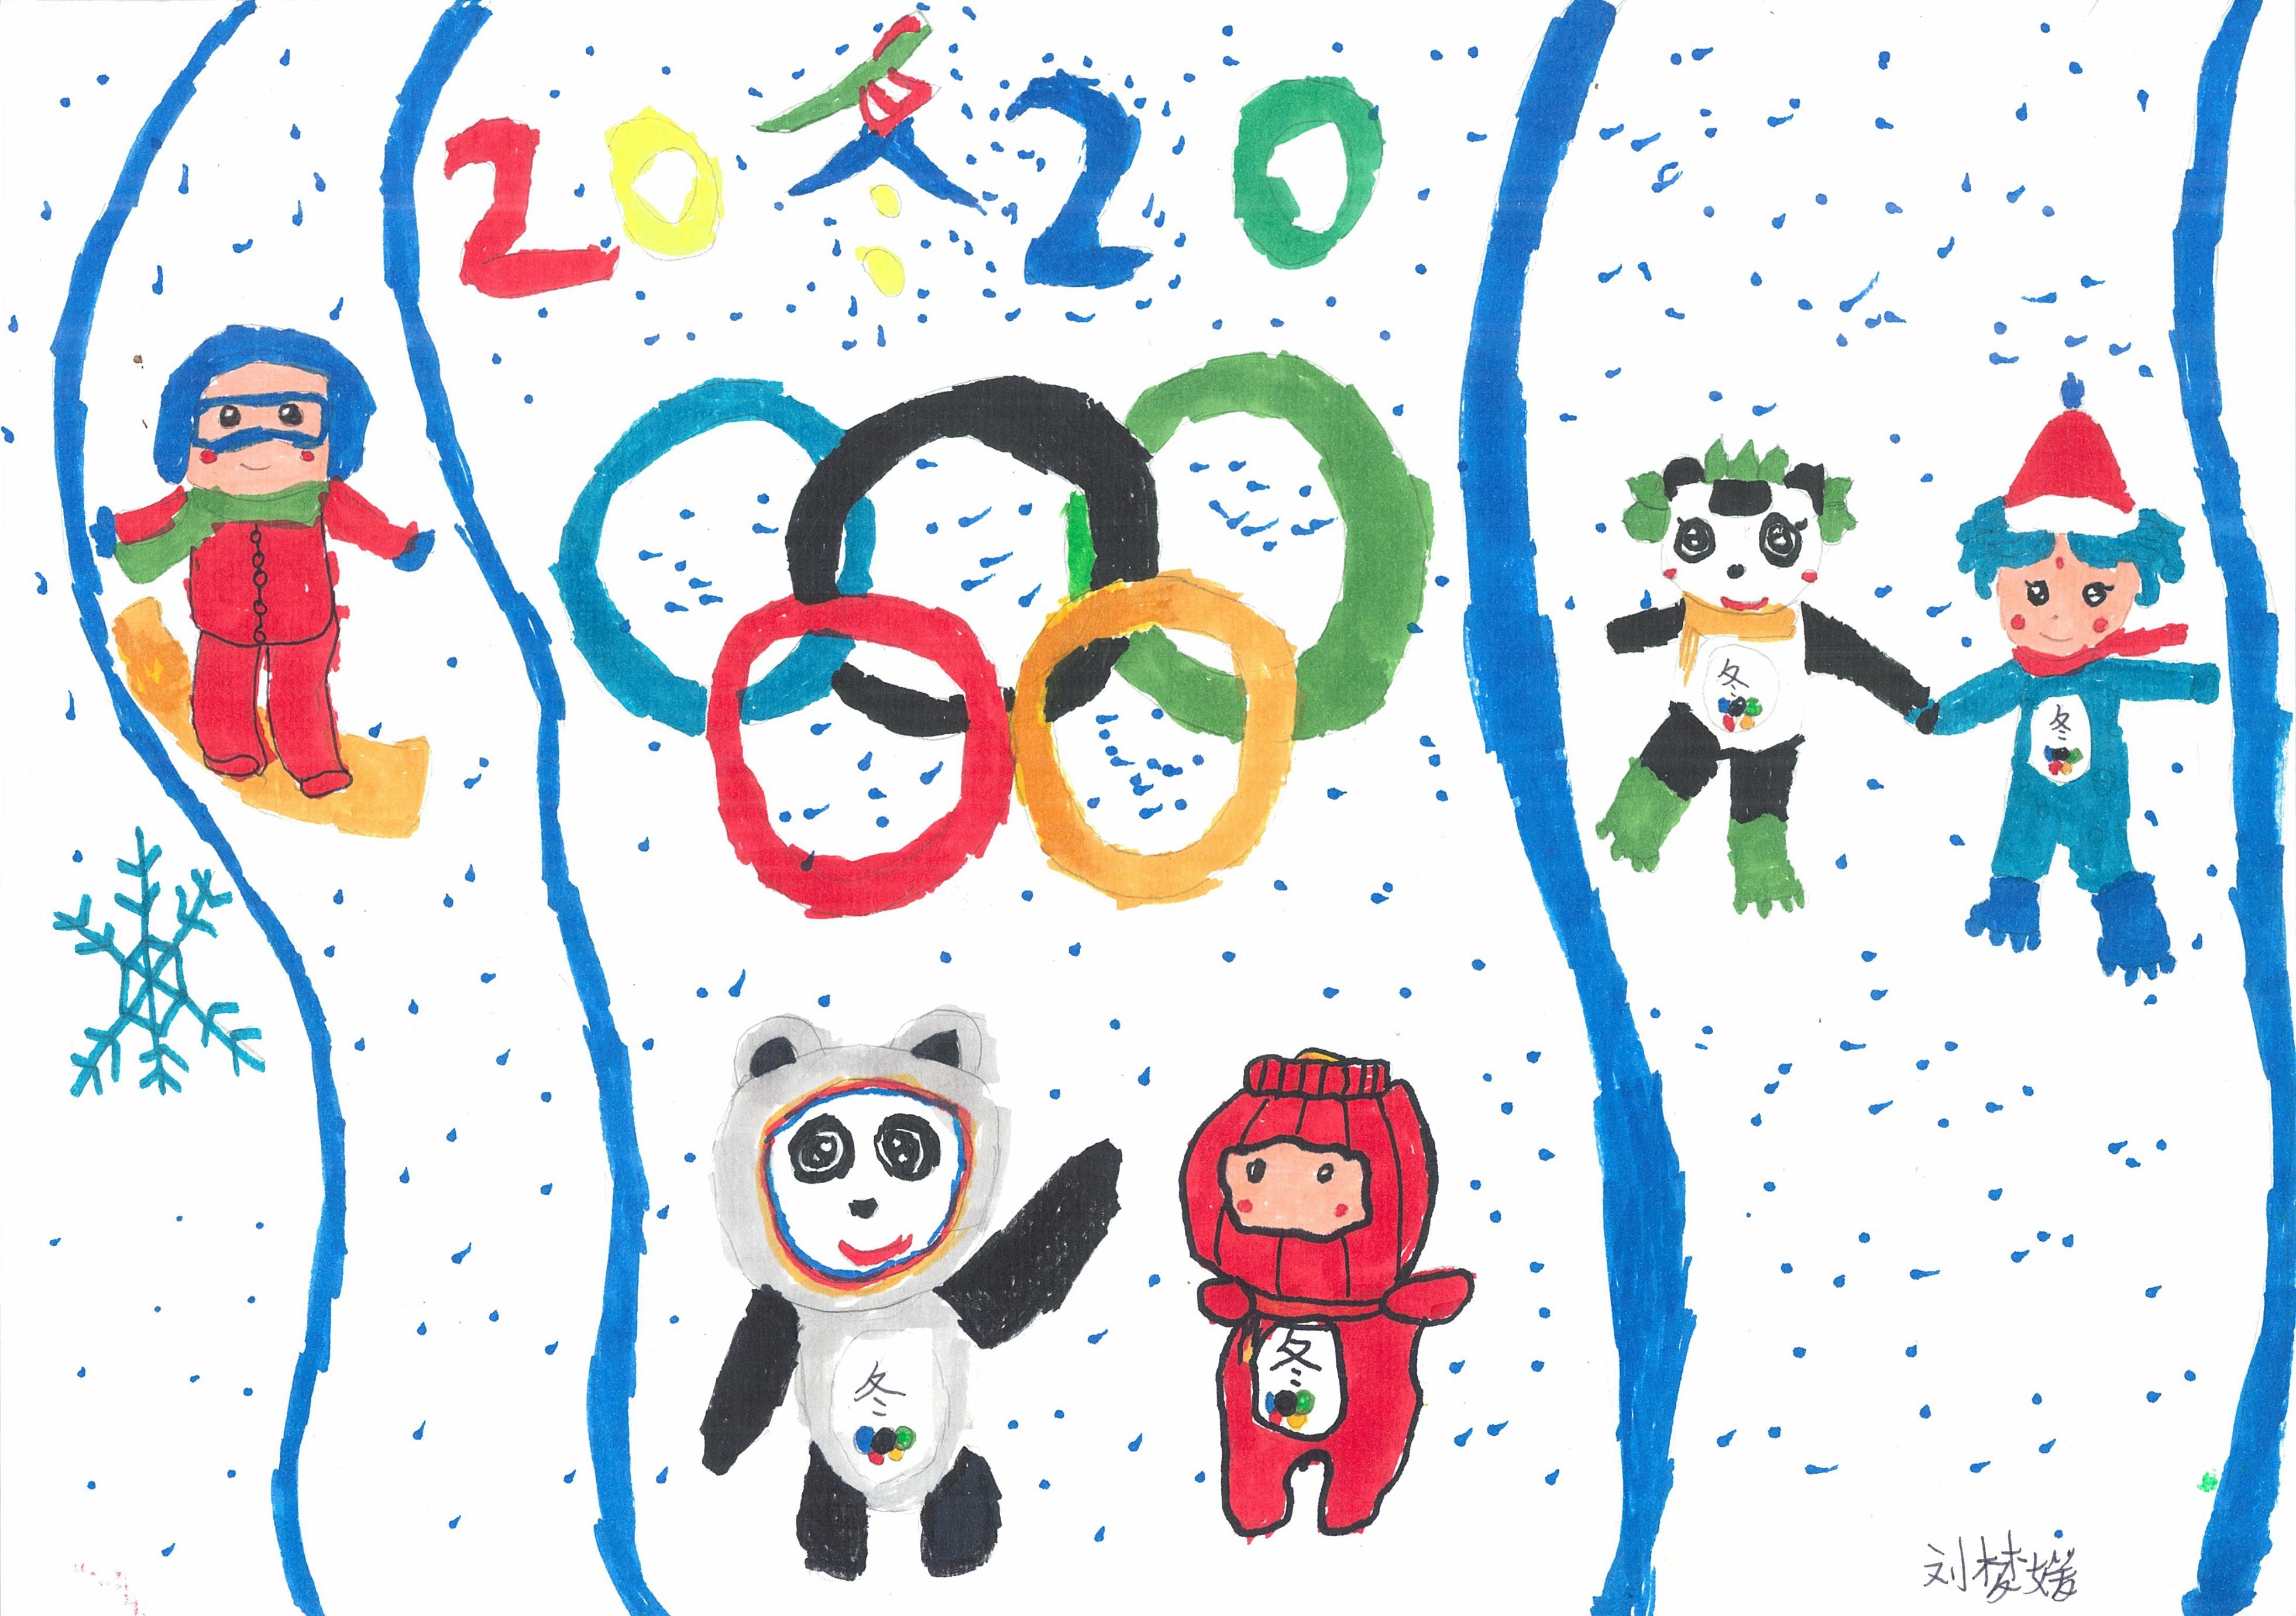 《我心中的冬奥荣耀时刻》Glory Moments Of The Winter Olympics In My Heart +刘梦媛 Liu Mengyuan